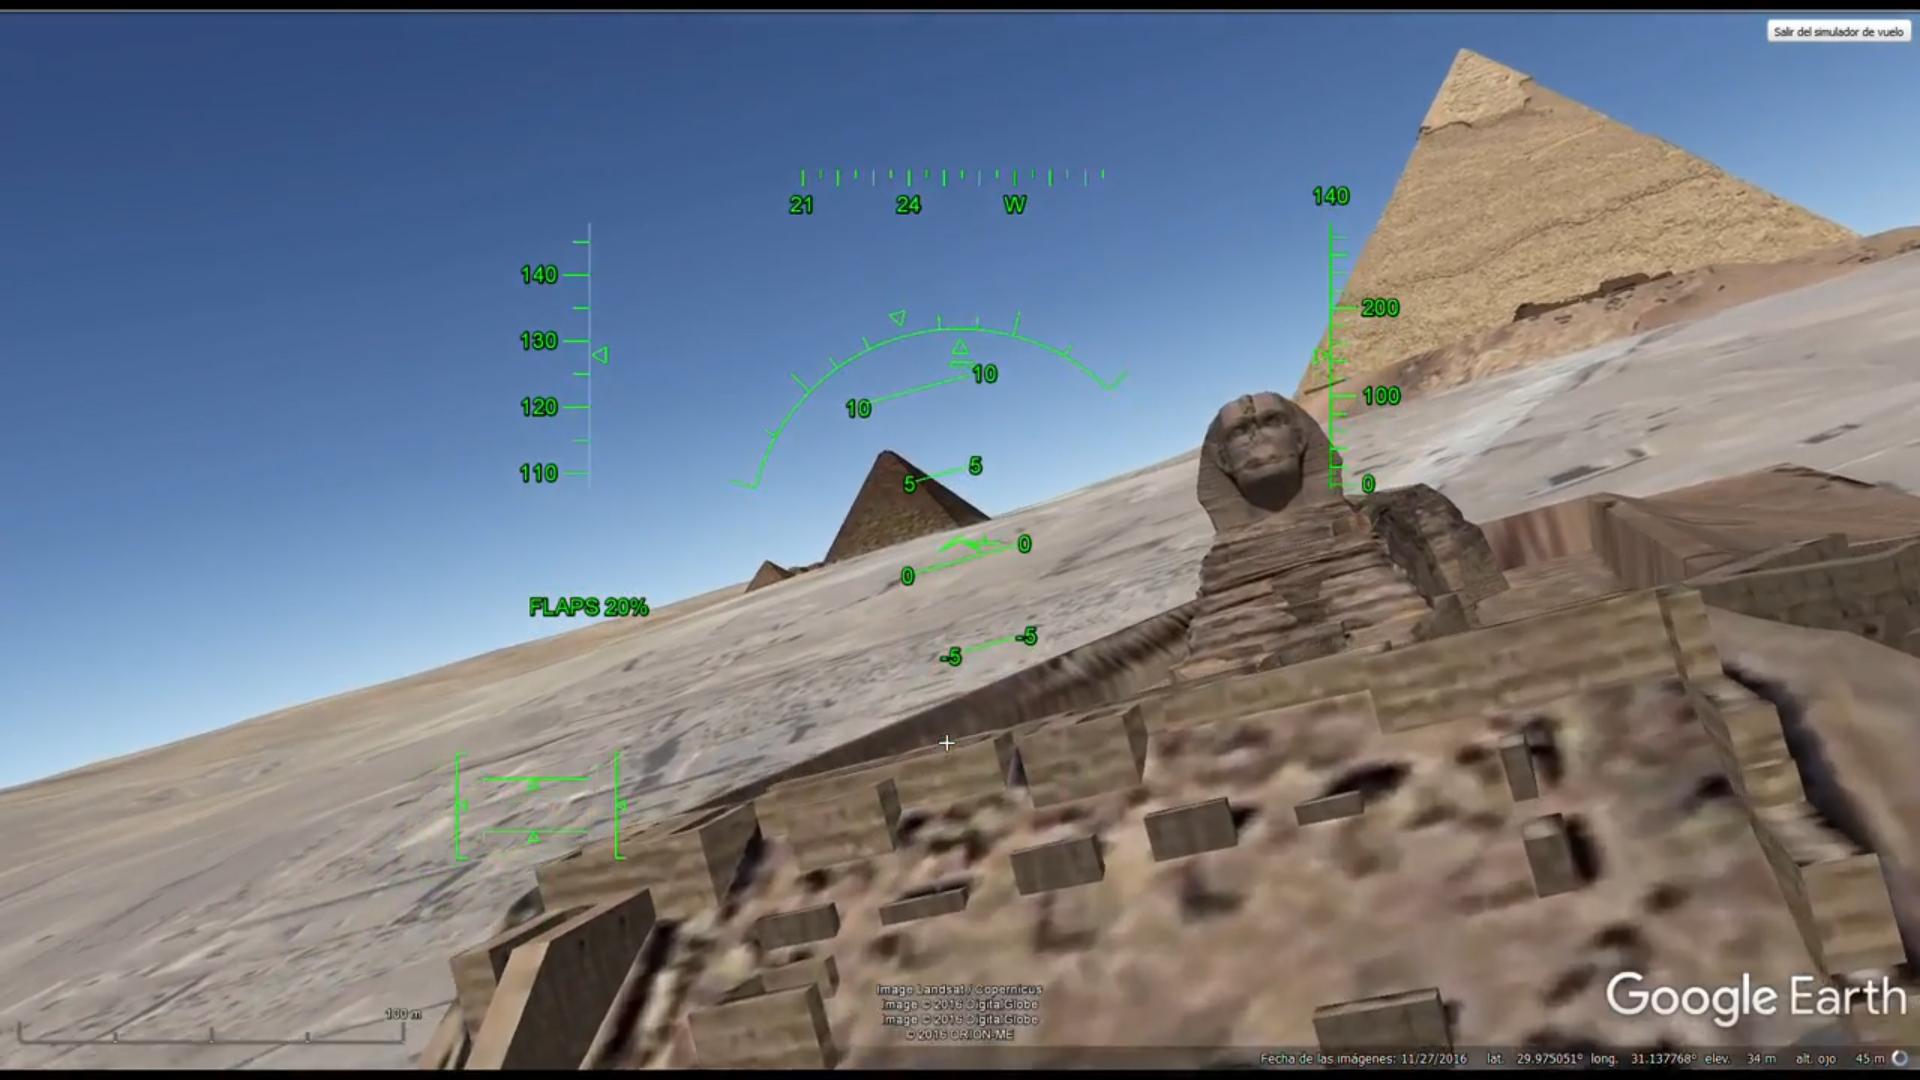 Volando sobre el Everest, el Gran Cañón, las pirámides y el Cristo Redentor con el simulador de vuelo de Google Earth